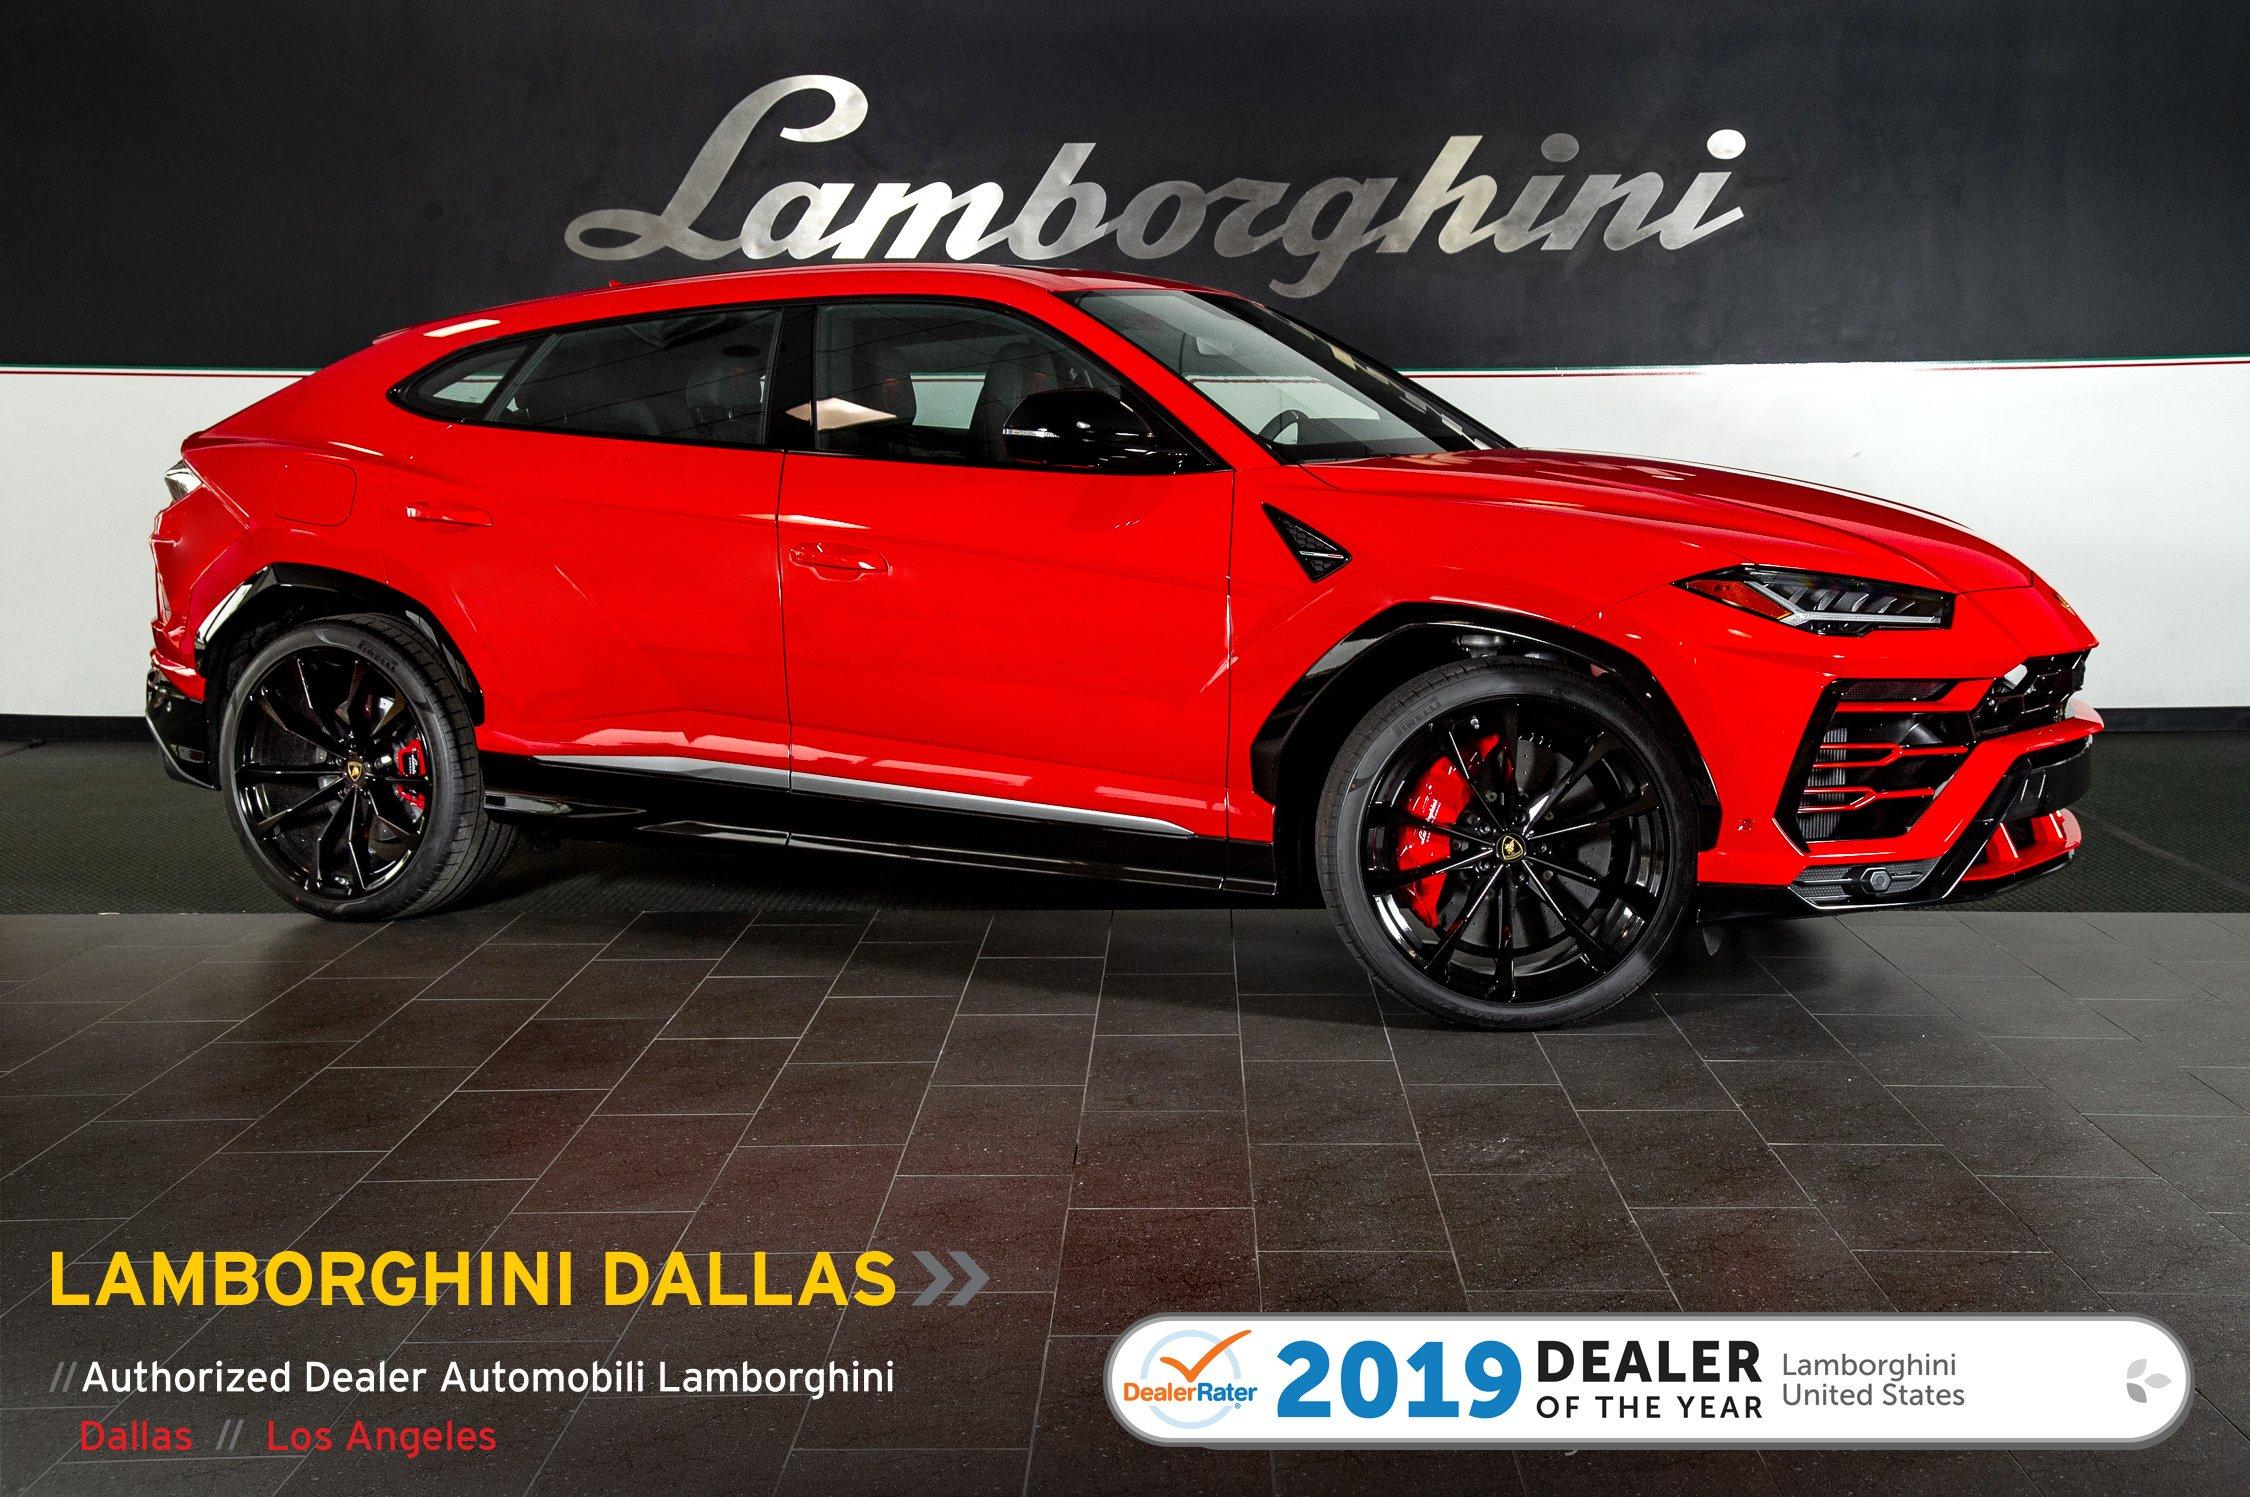 Used 2019 Lamborghini Urus For Sale Richardson Tx Stock Lt1293 Vin Zpbua1zl9kla04219